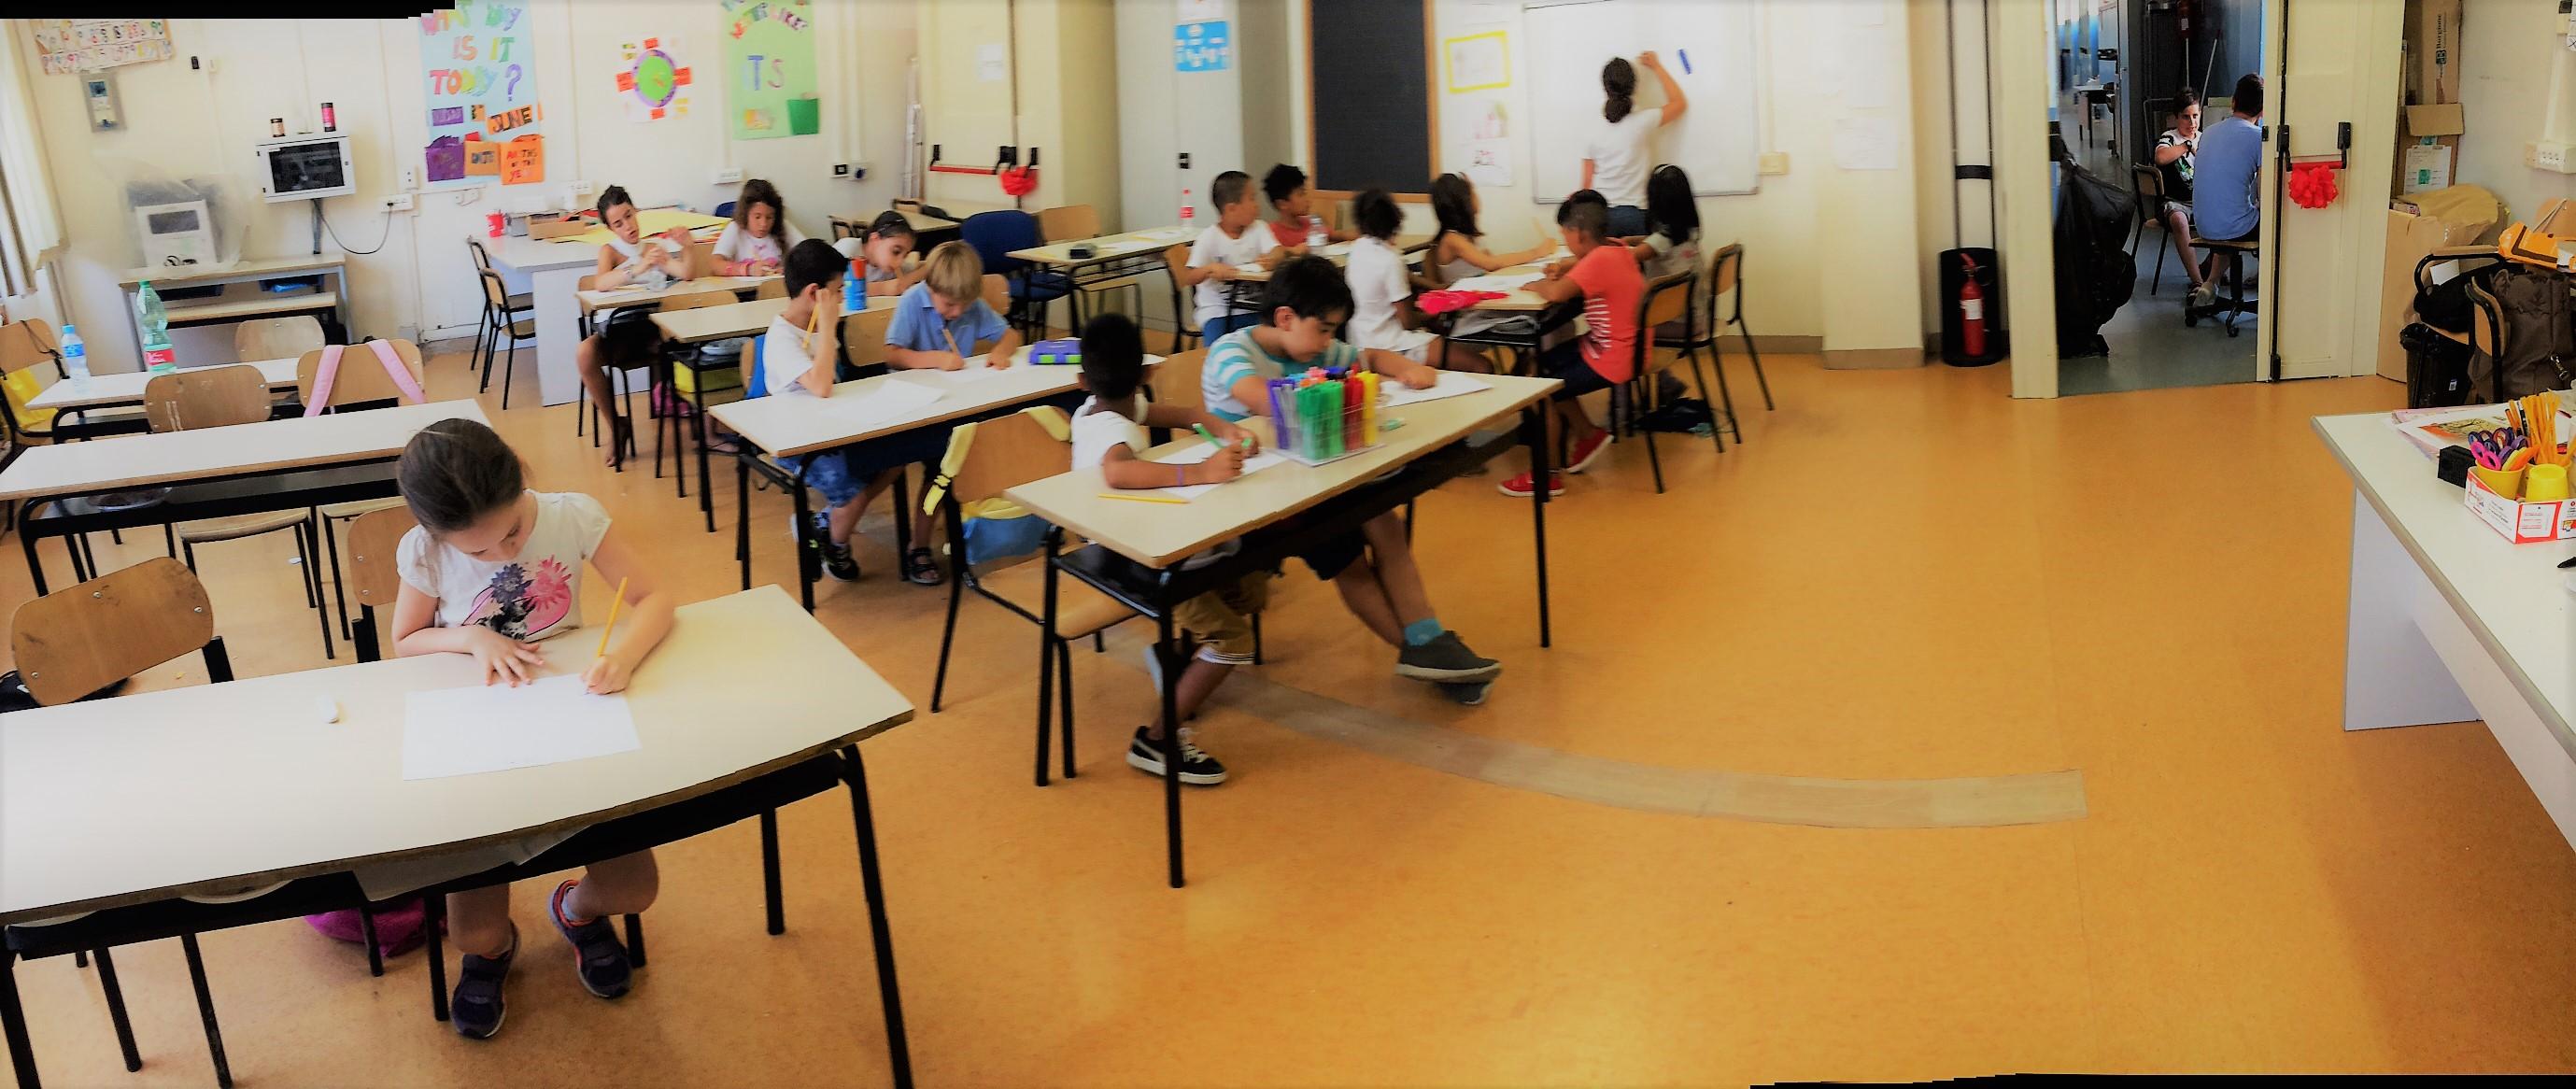 Volontariato Piuculture a scuola